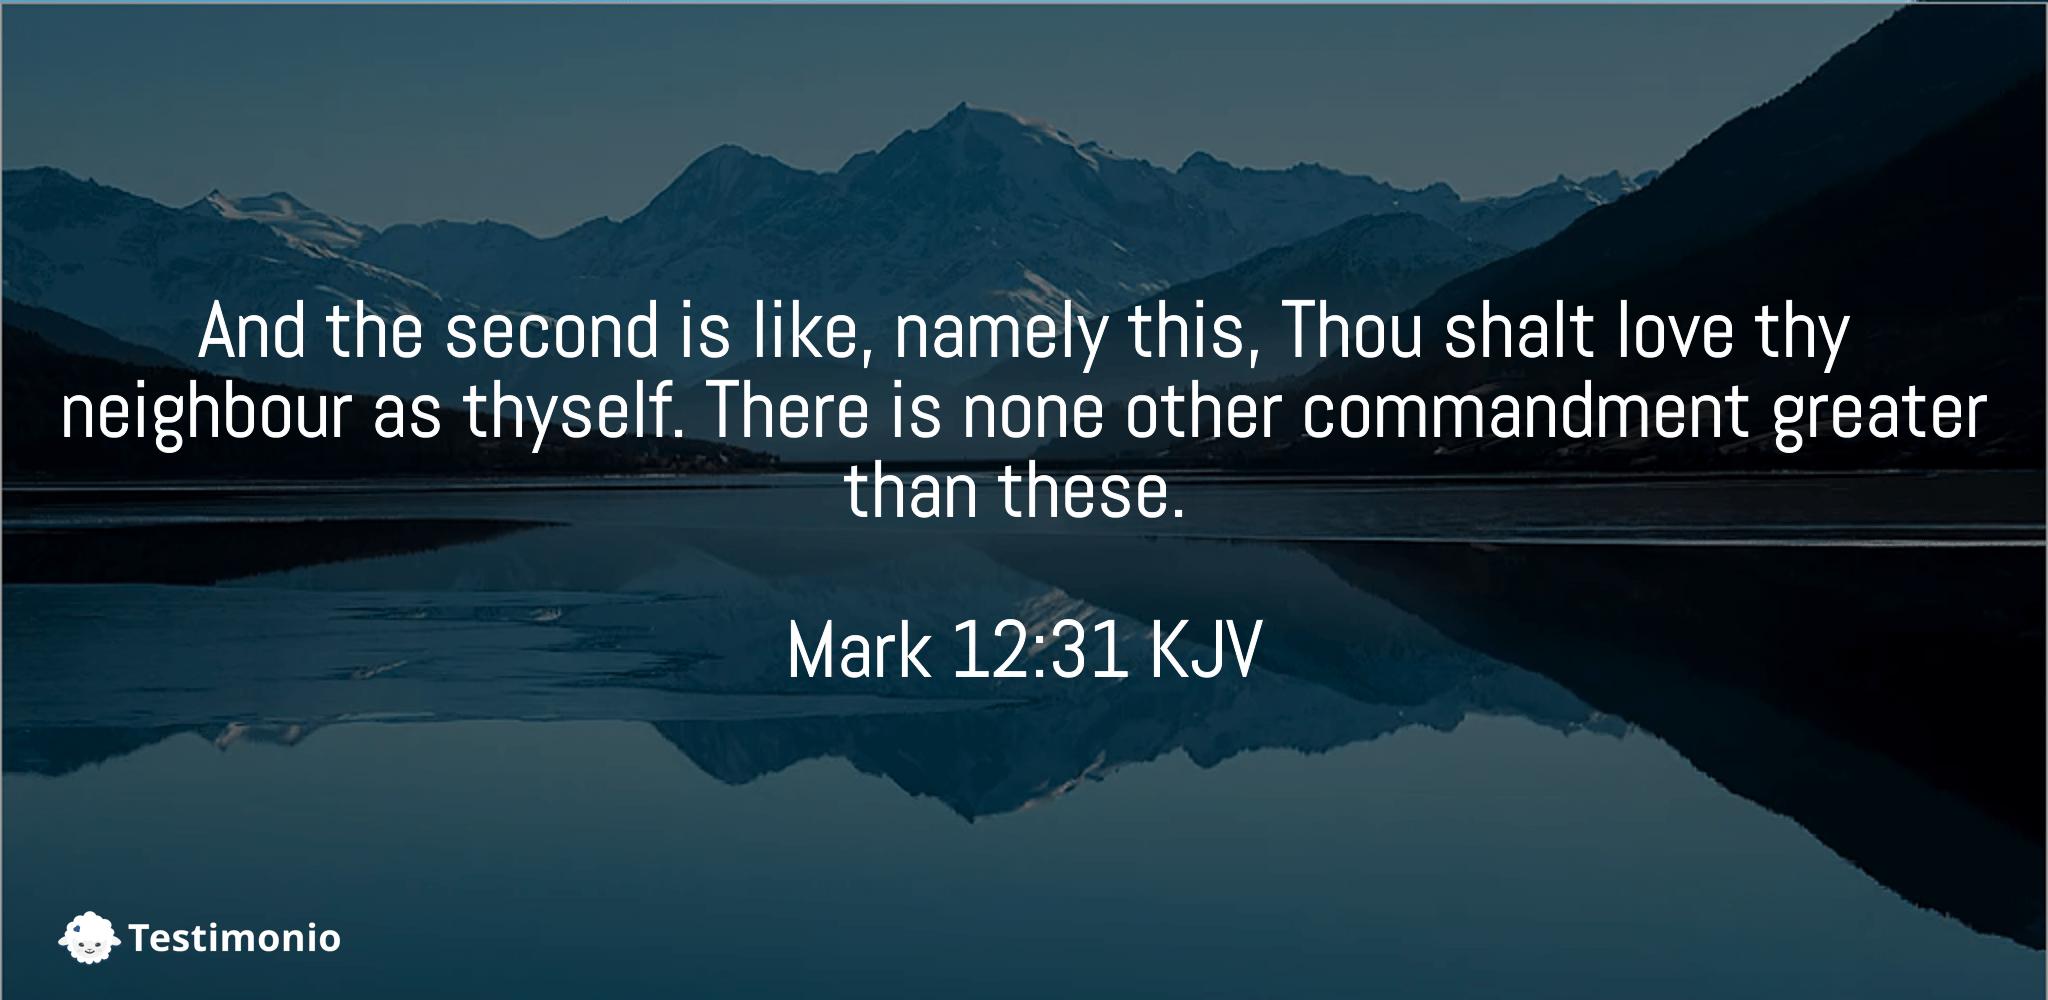 Mark 12:31